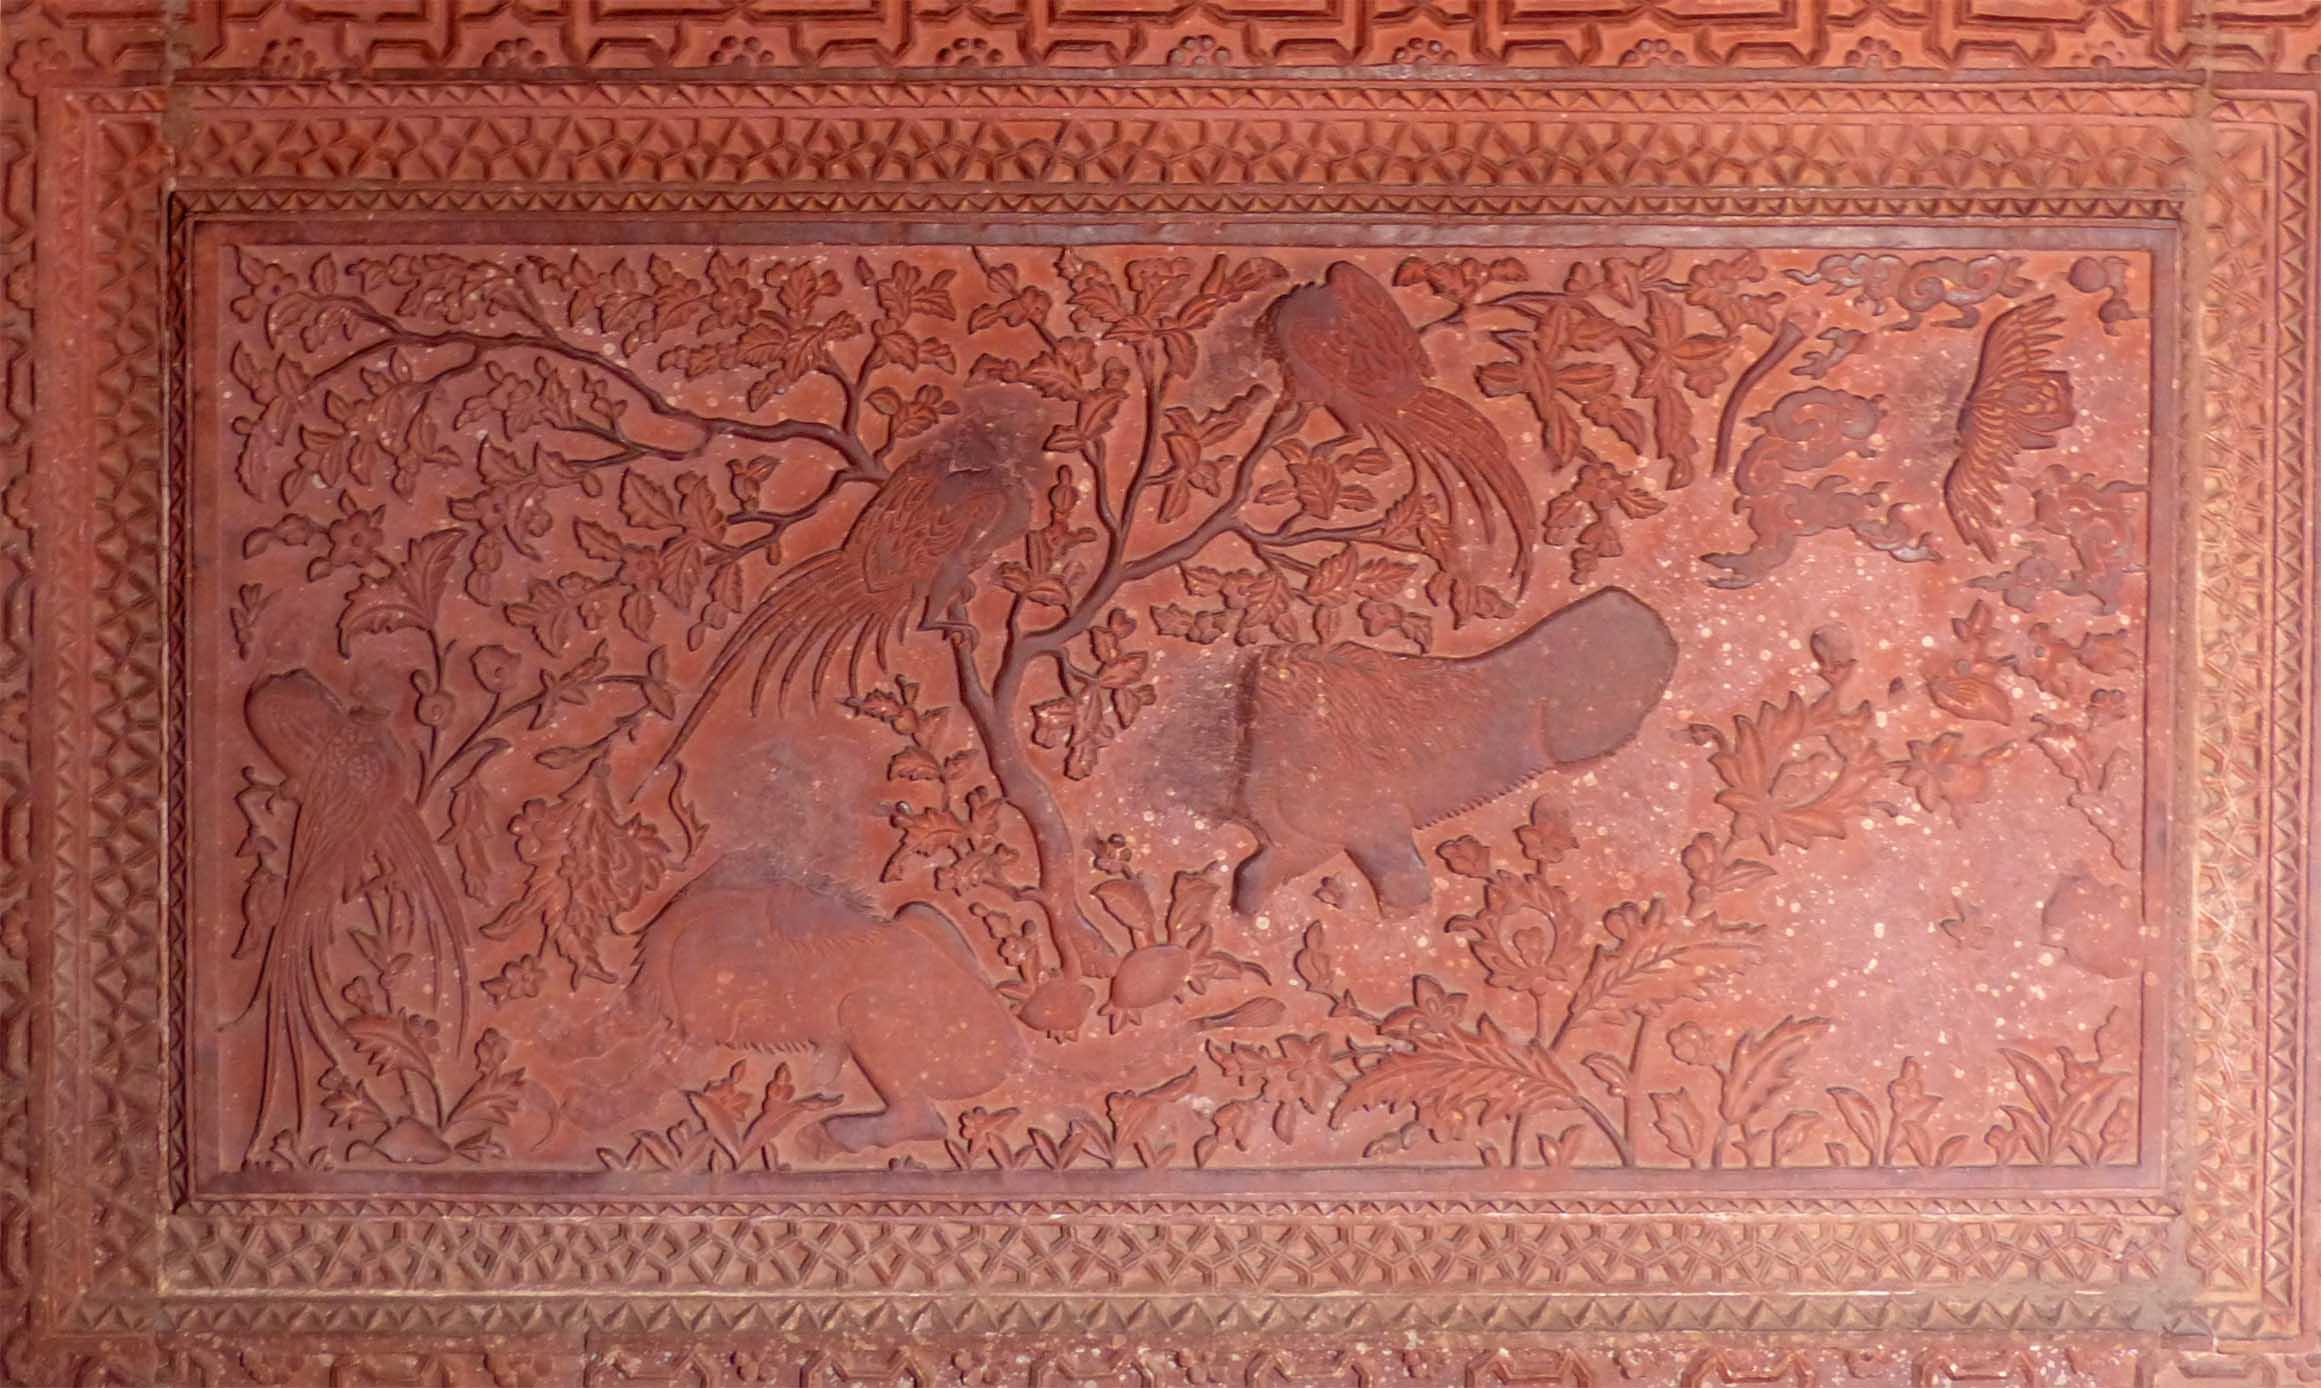 Red sandstone carving, partly damaged